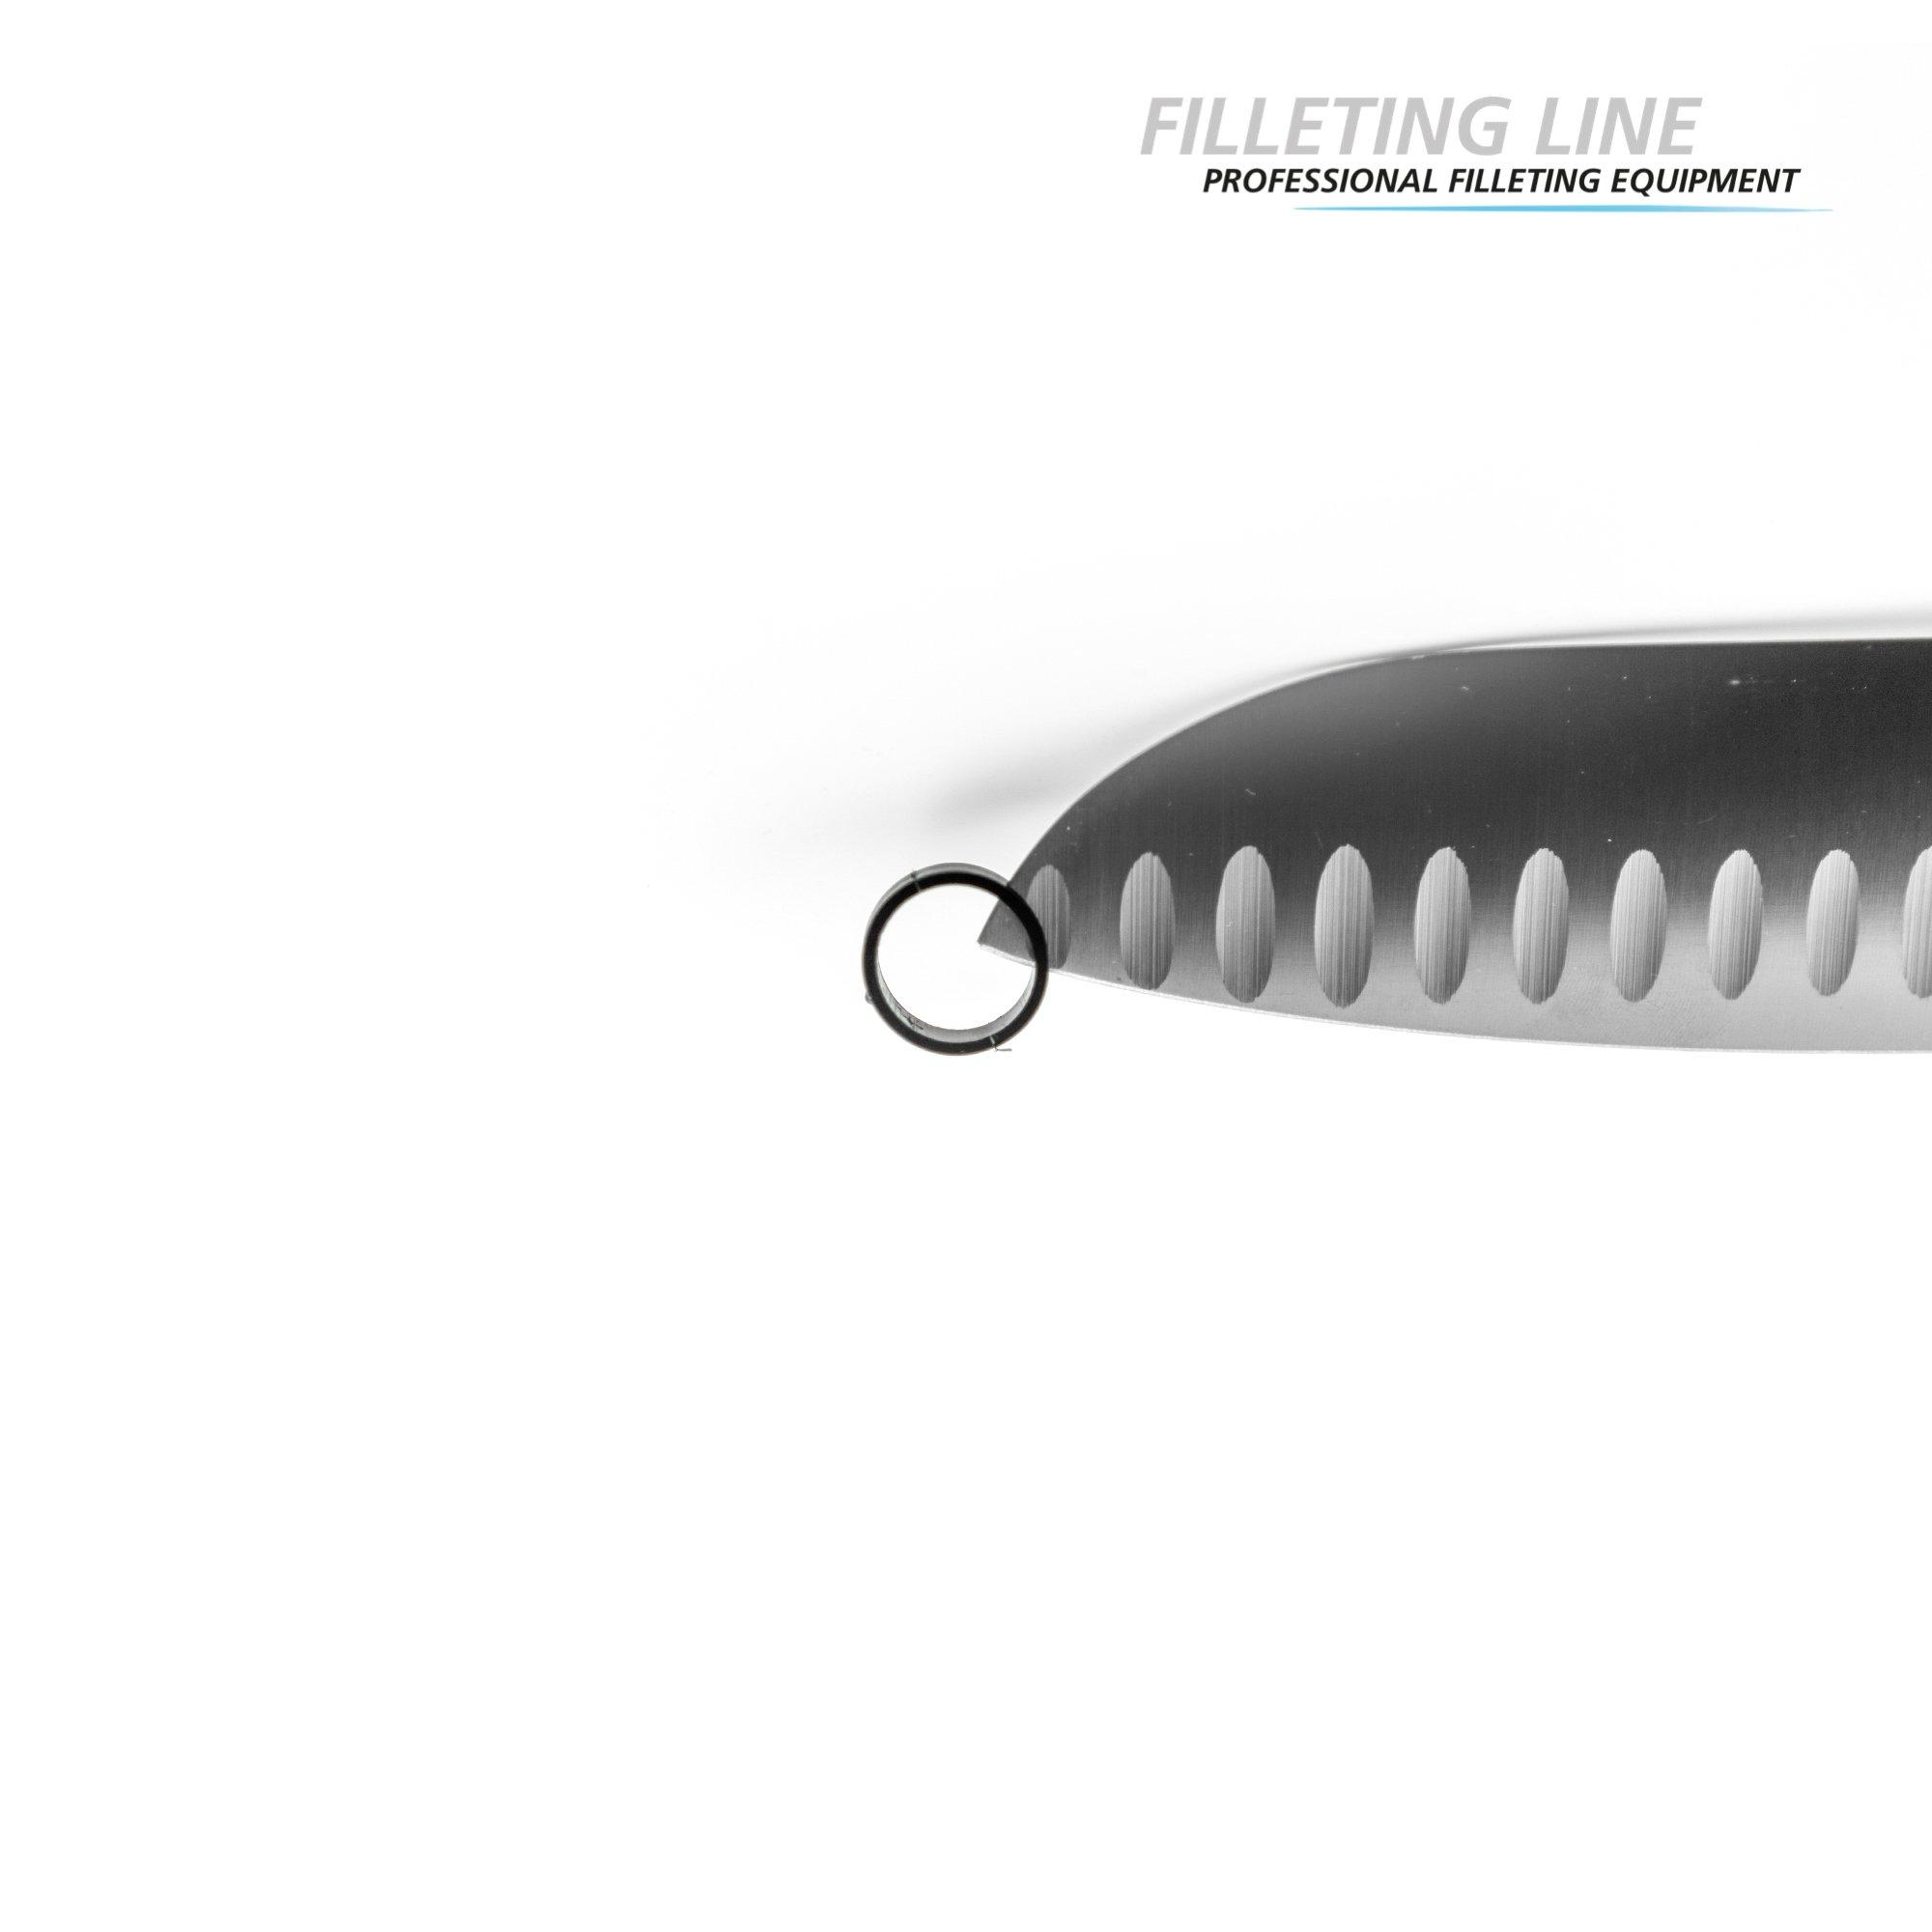 FILLETING LINE_2000x2000_DETAILS_logo-7